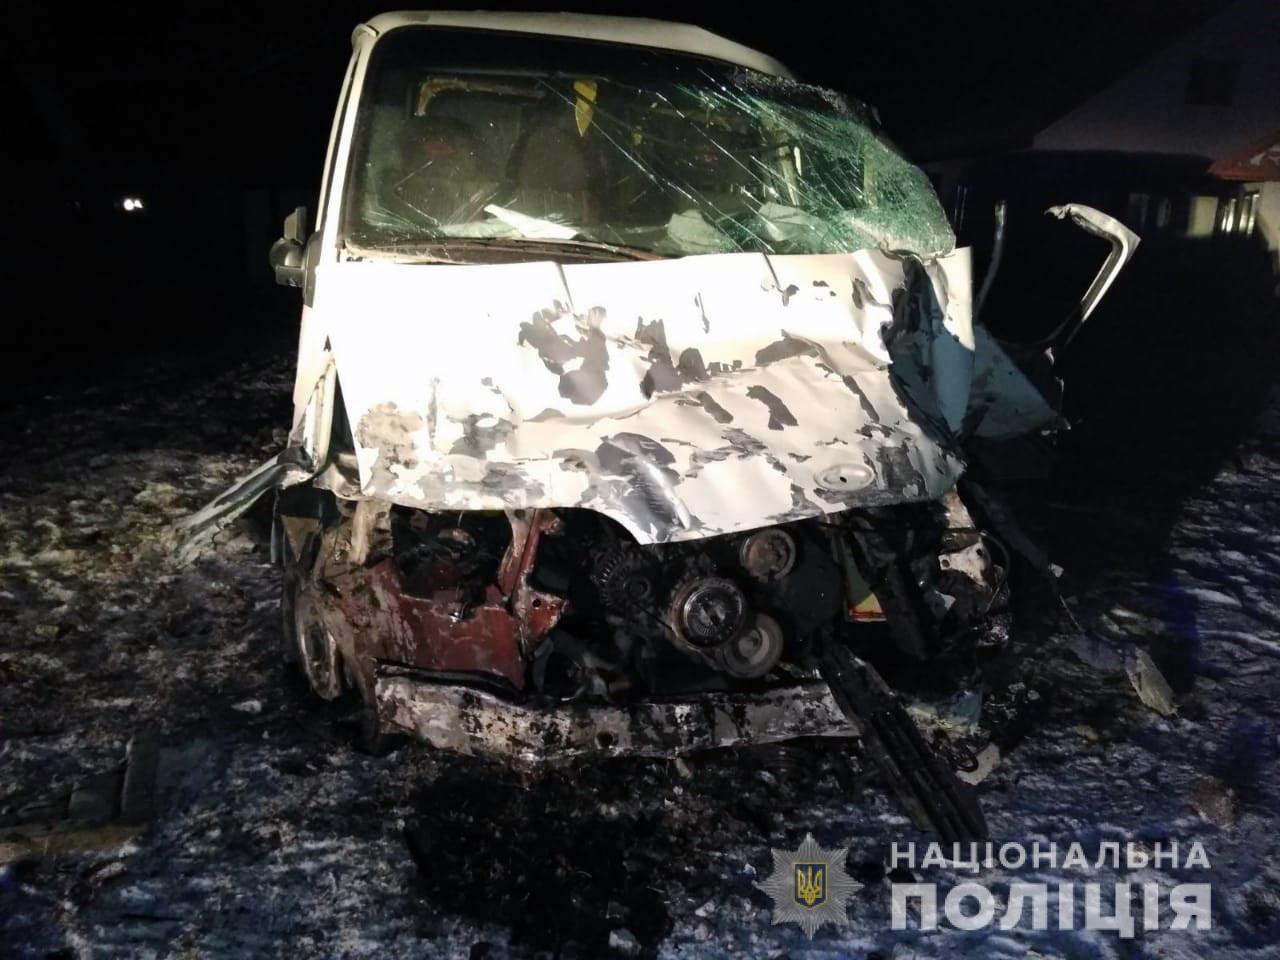 Заснув за кермом: на Буковині водій хлібовоза загинув у ДТП